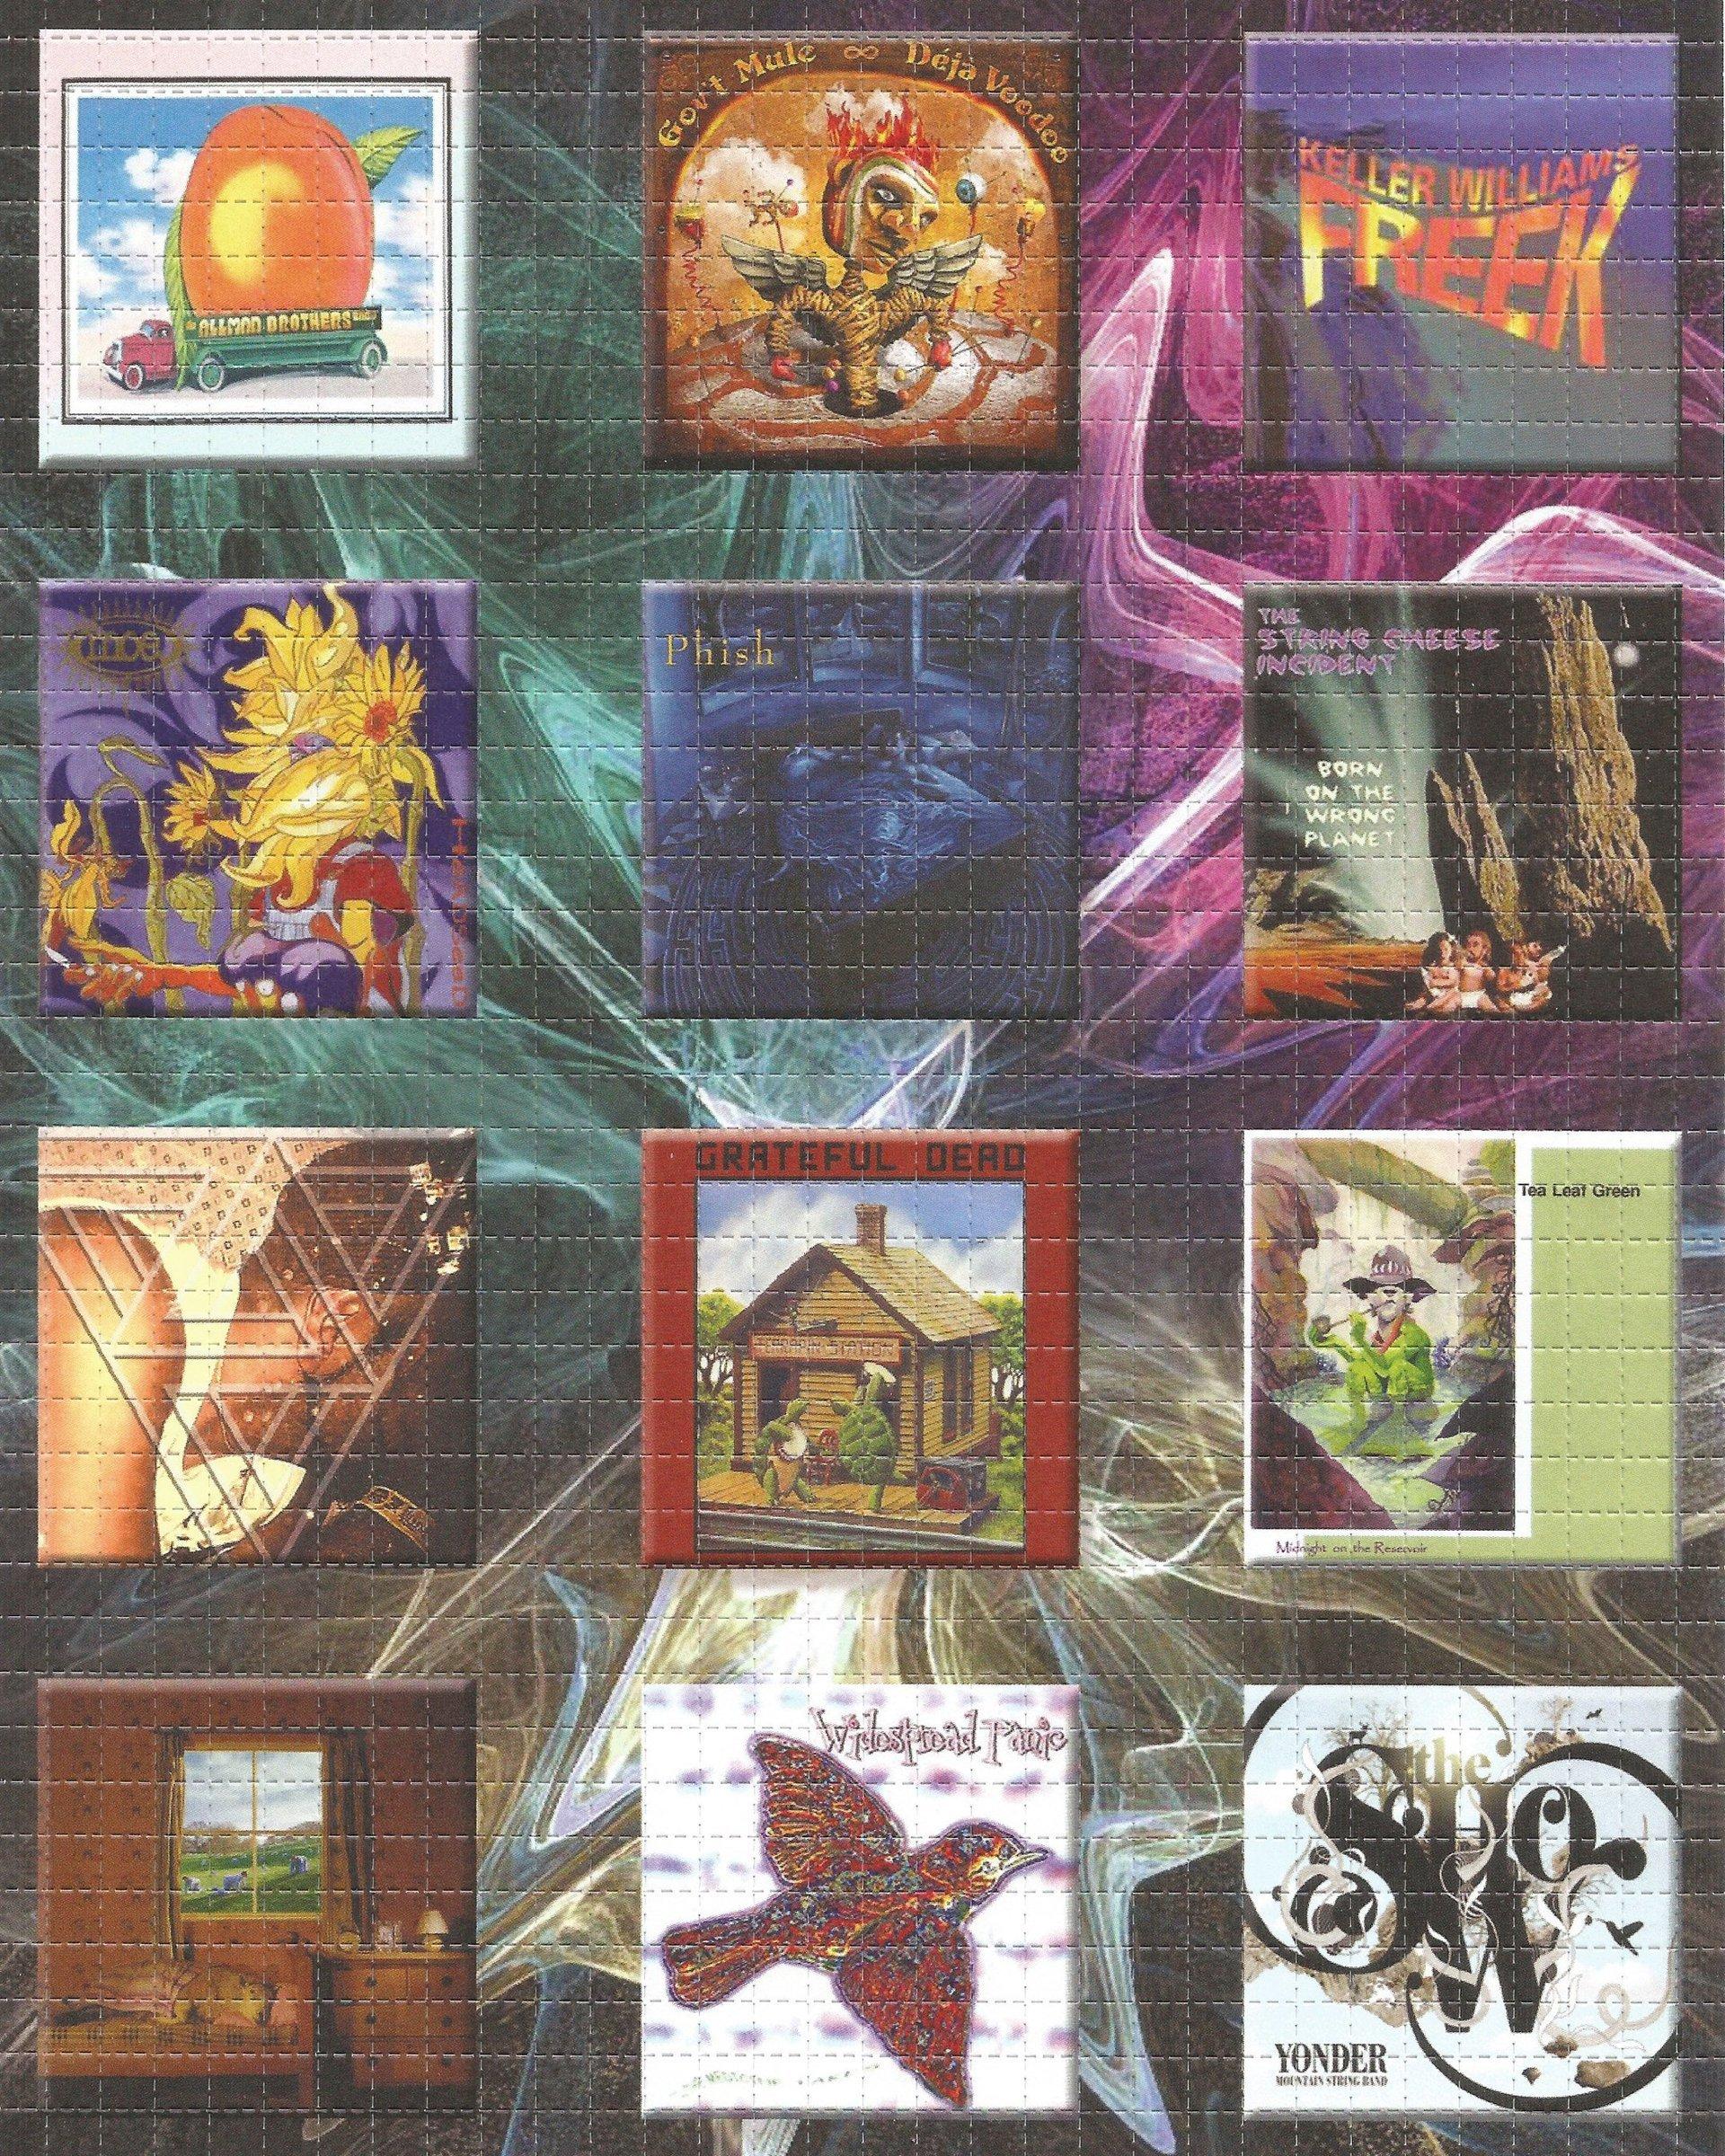 Jam Band 12 Panel Album Cover Blotter Art